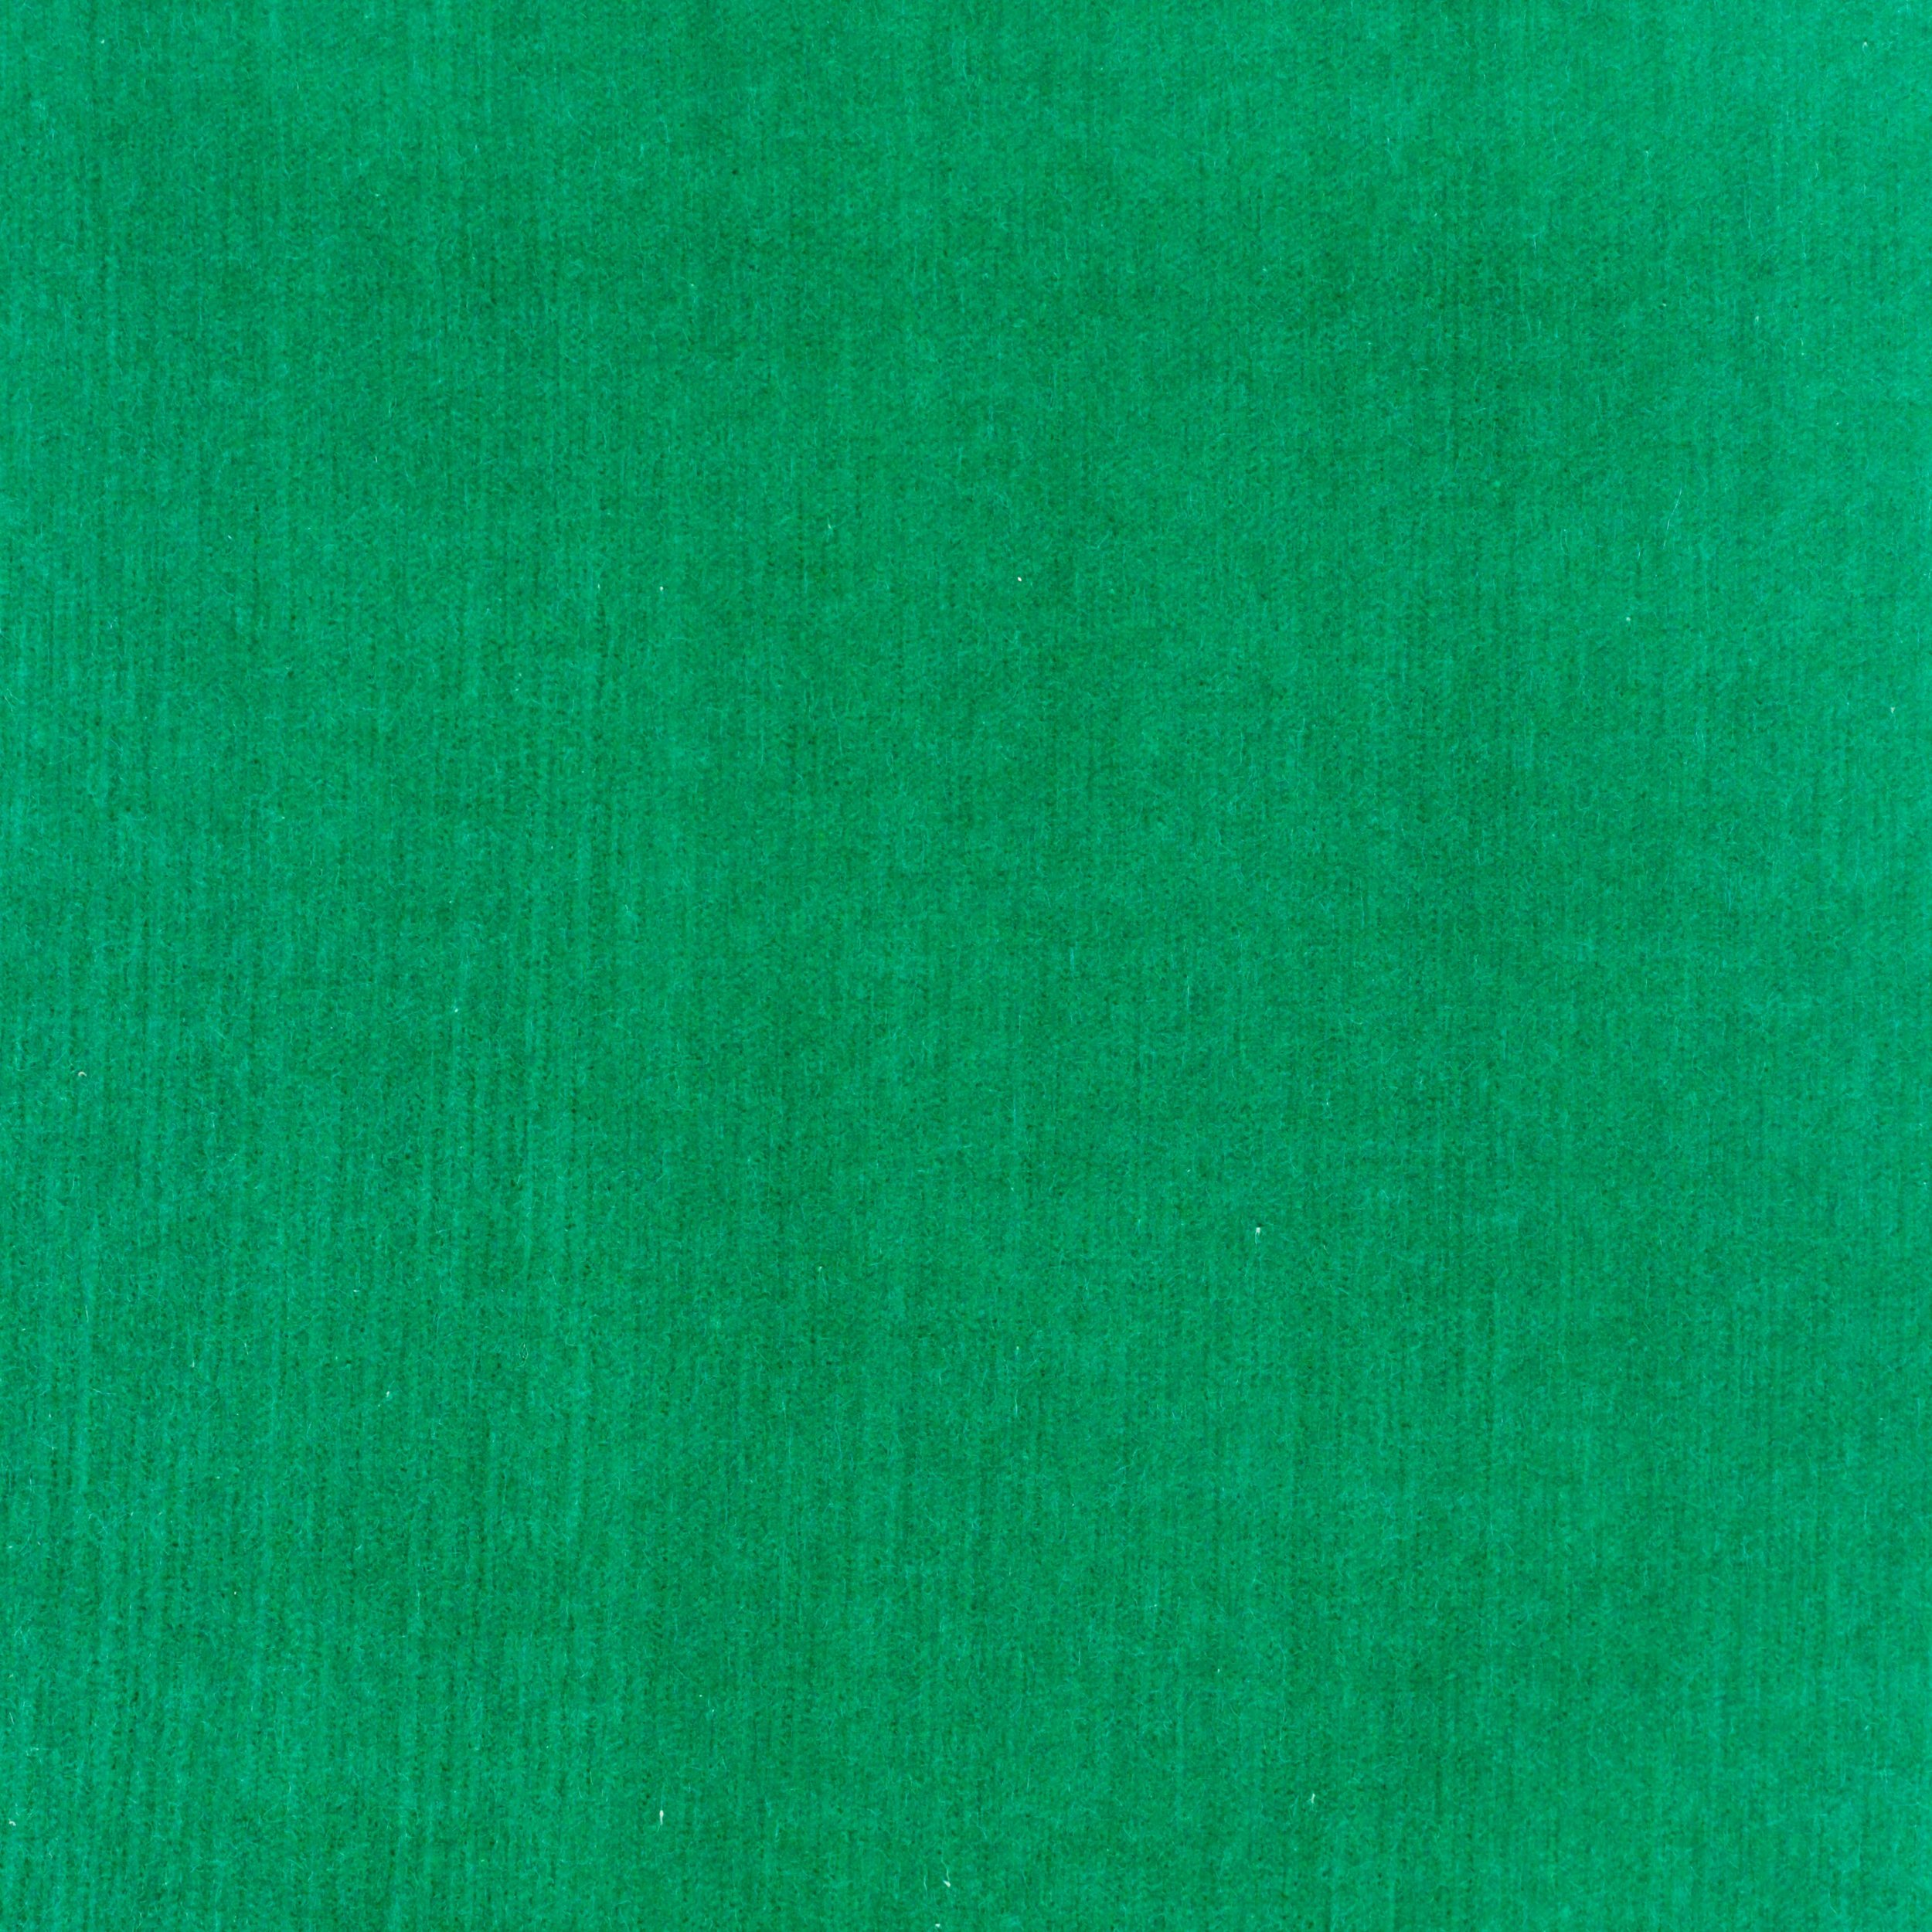 Pea Green 705